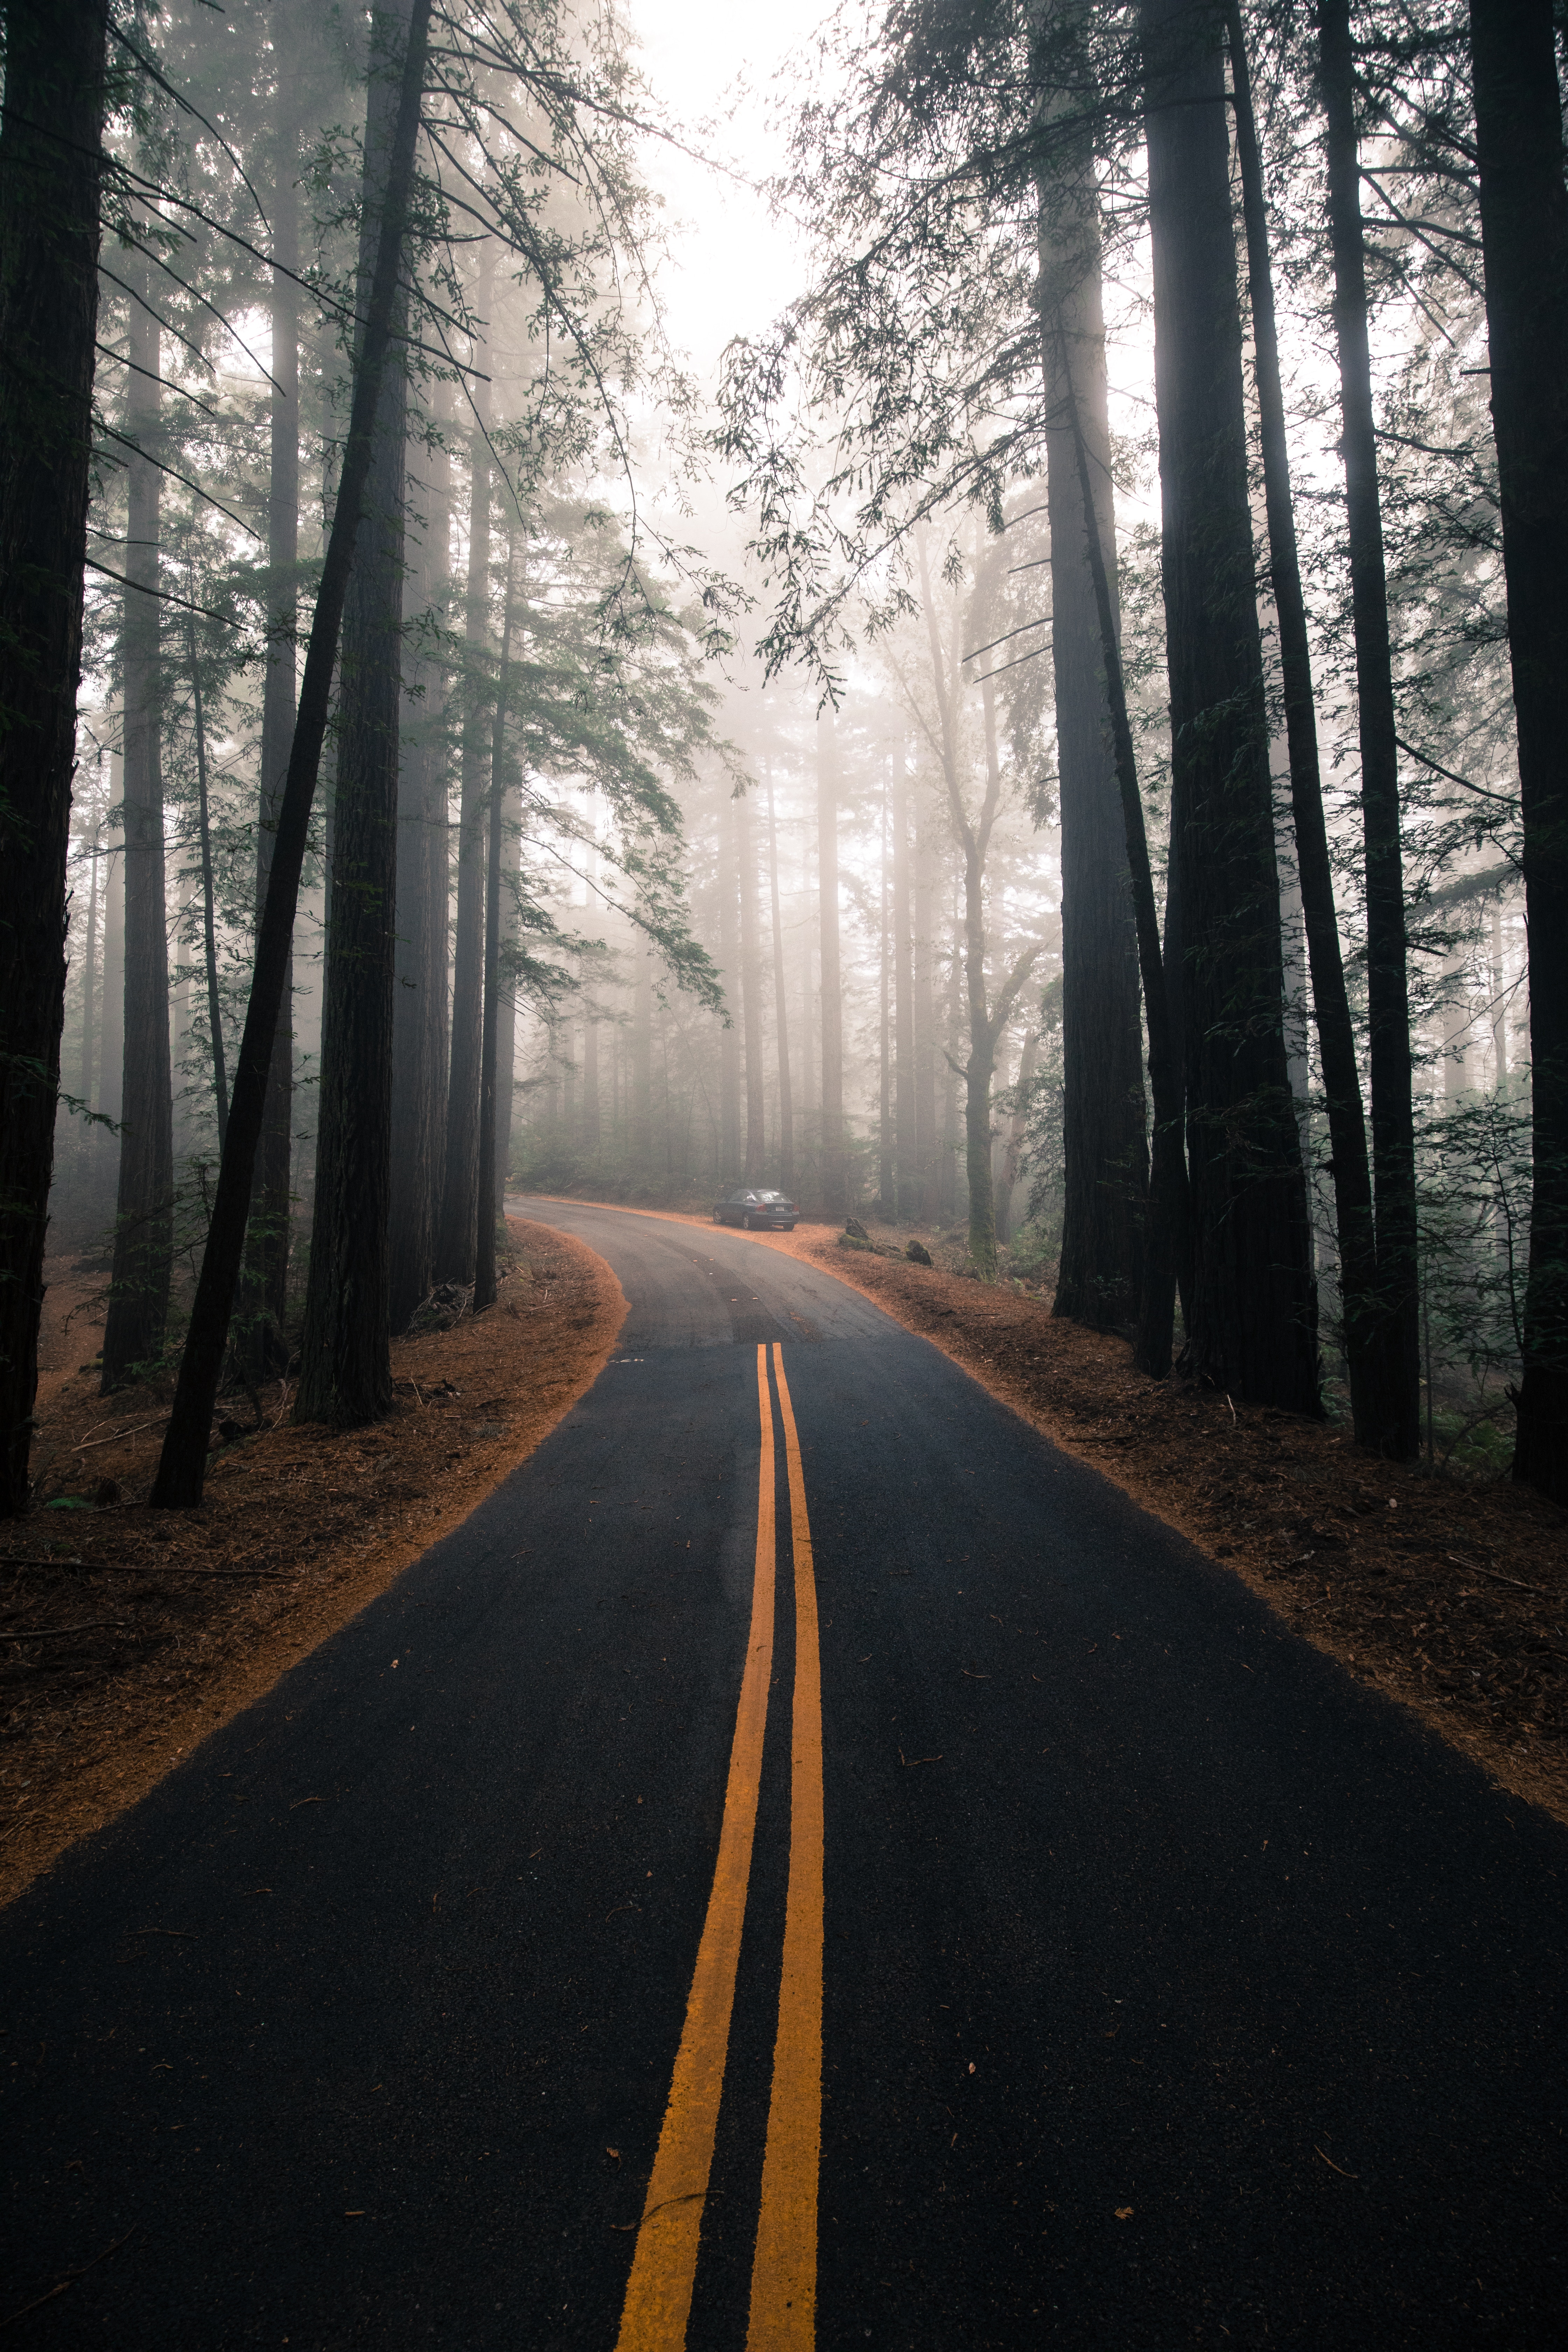 133927 Заставки и Обои Дорога на телефон. Скачать Лес, Дорога, Природа, Деревья, Разметка, Туман картинки бесплатно